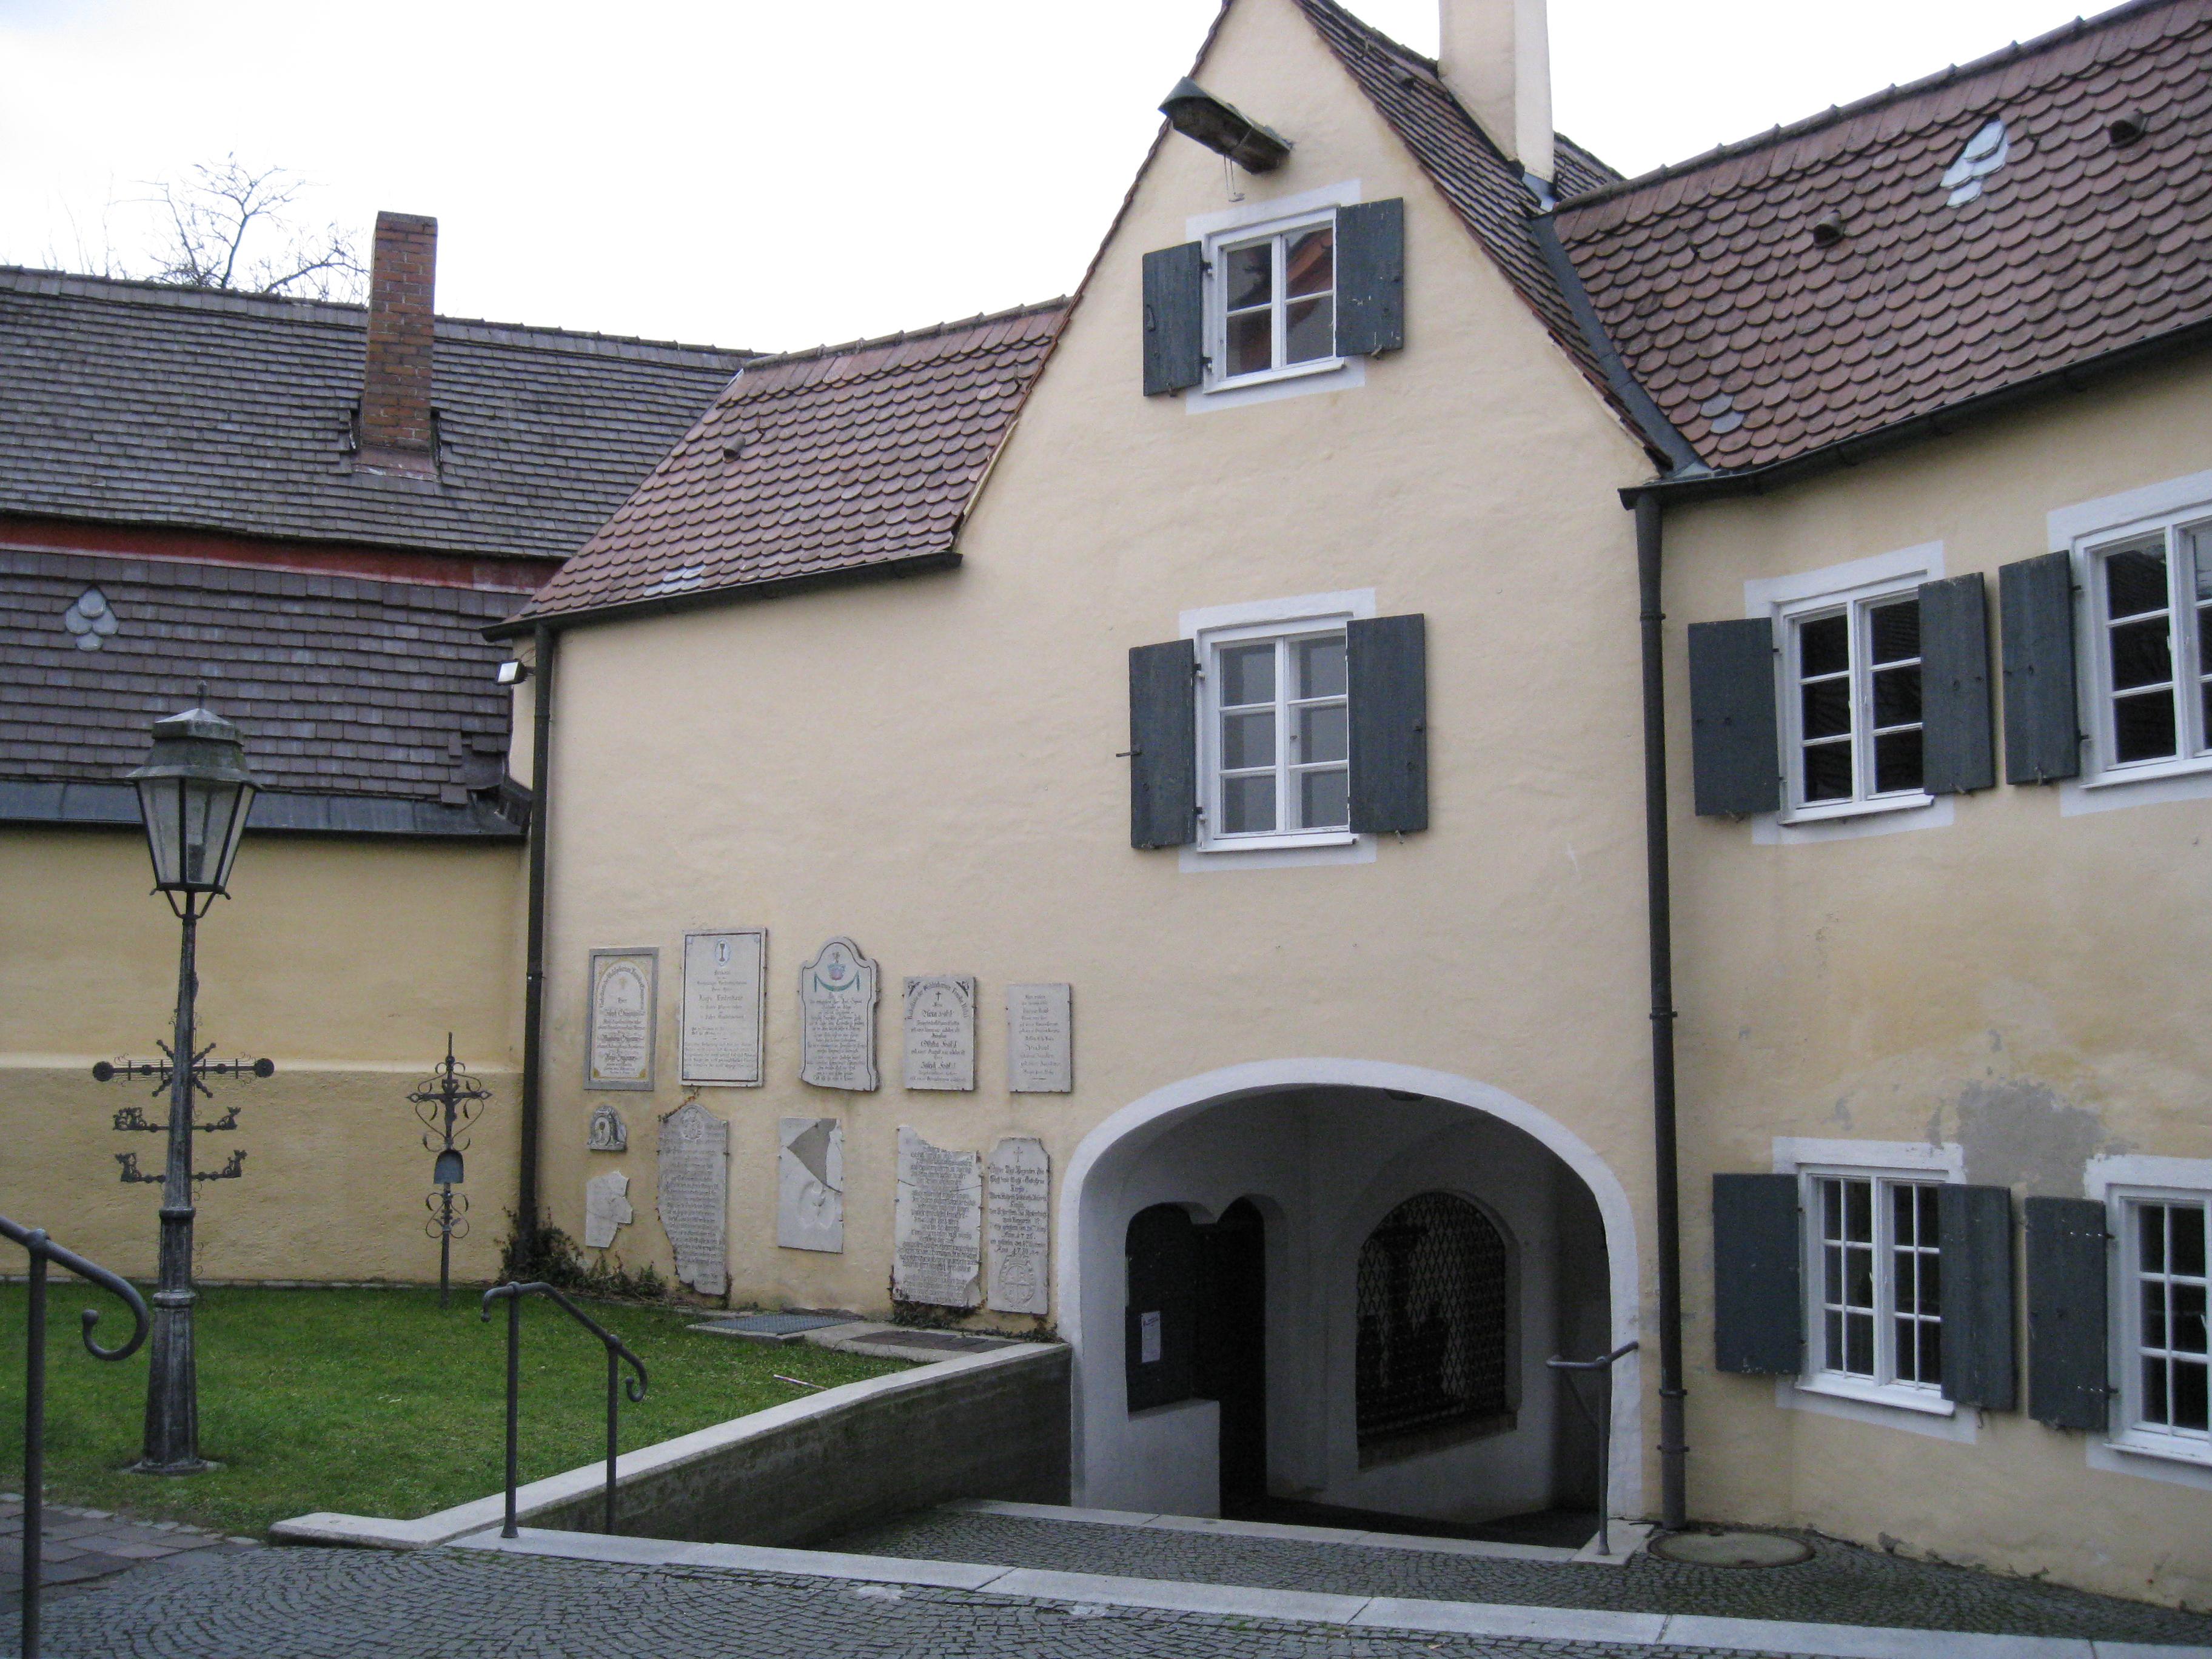 Datei:Mering Häuser an der Kirche von innen.jpg – Wikipedia